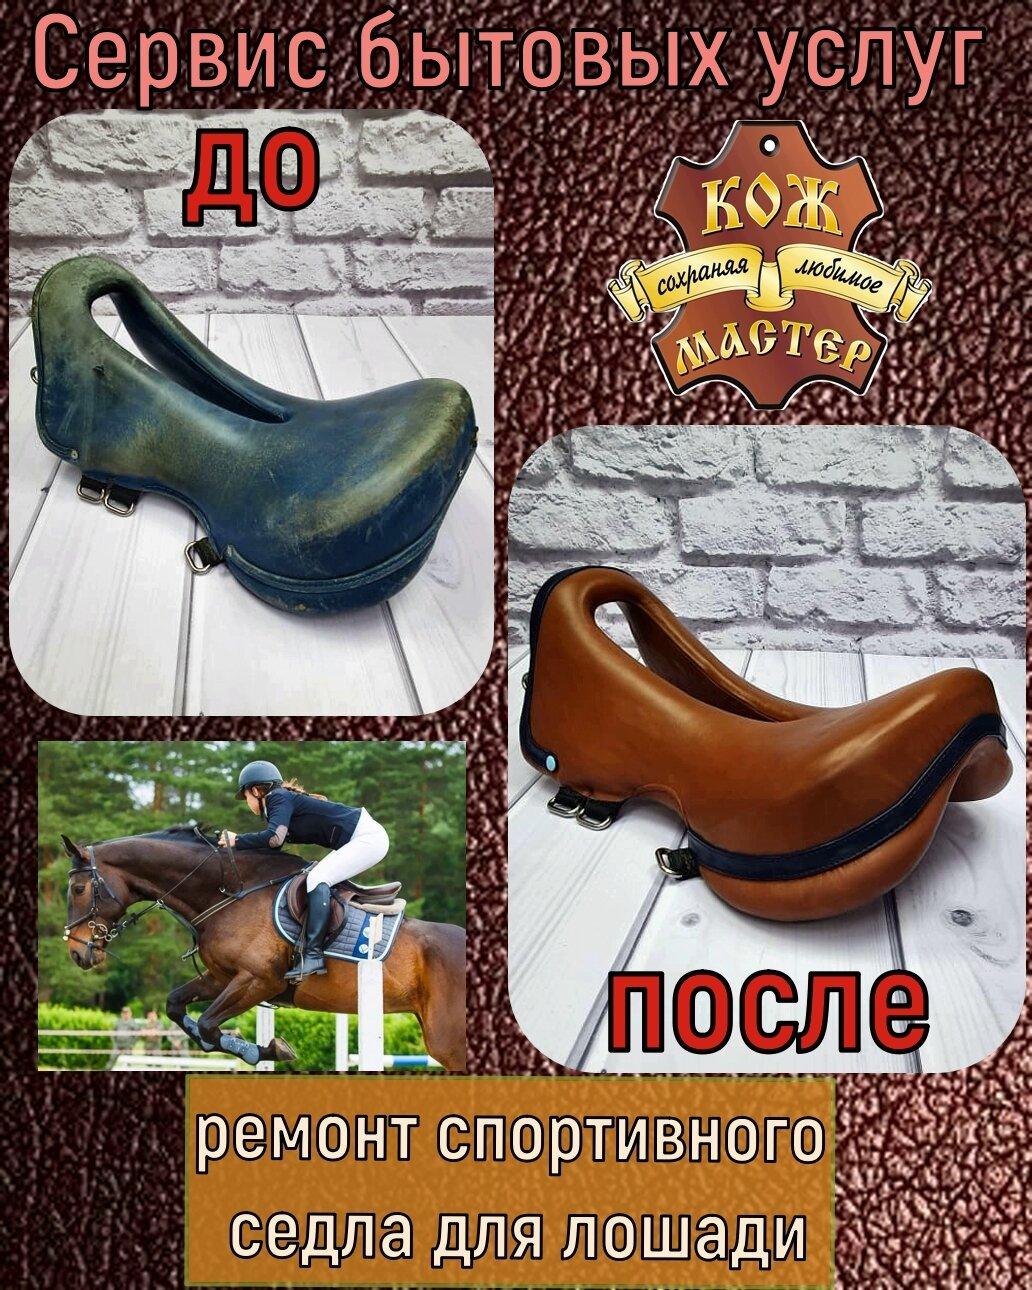 Перетяжка спортивного седла для лошади